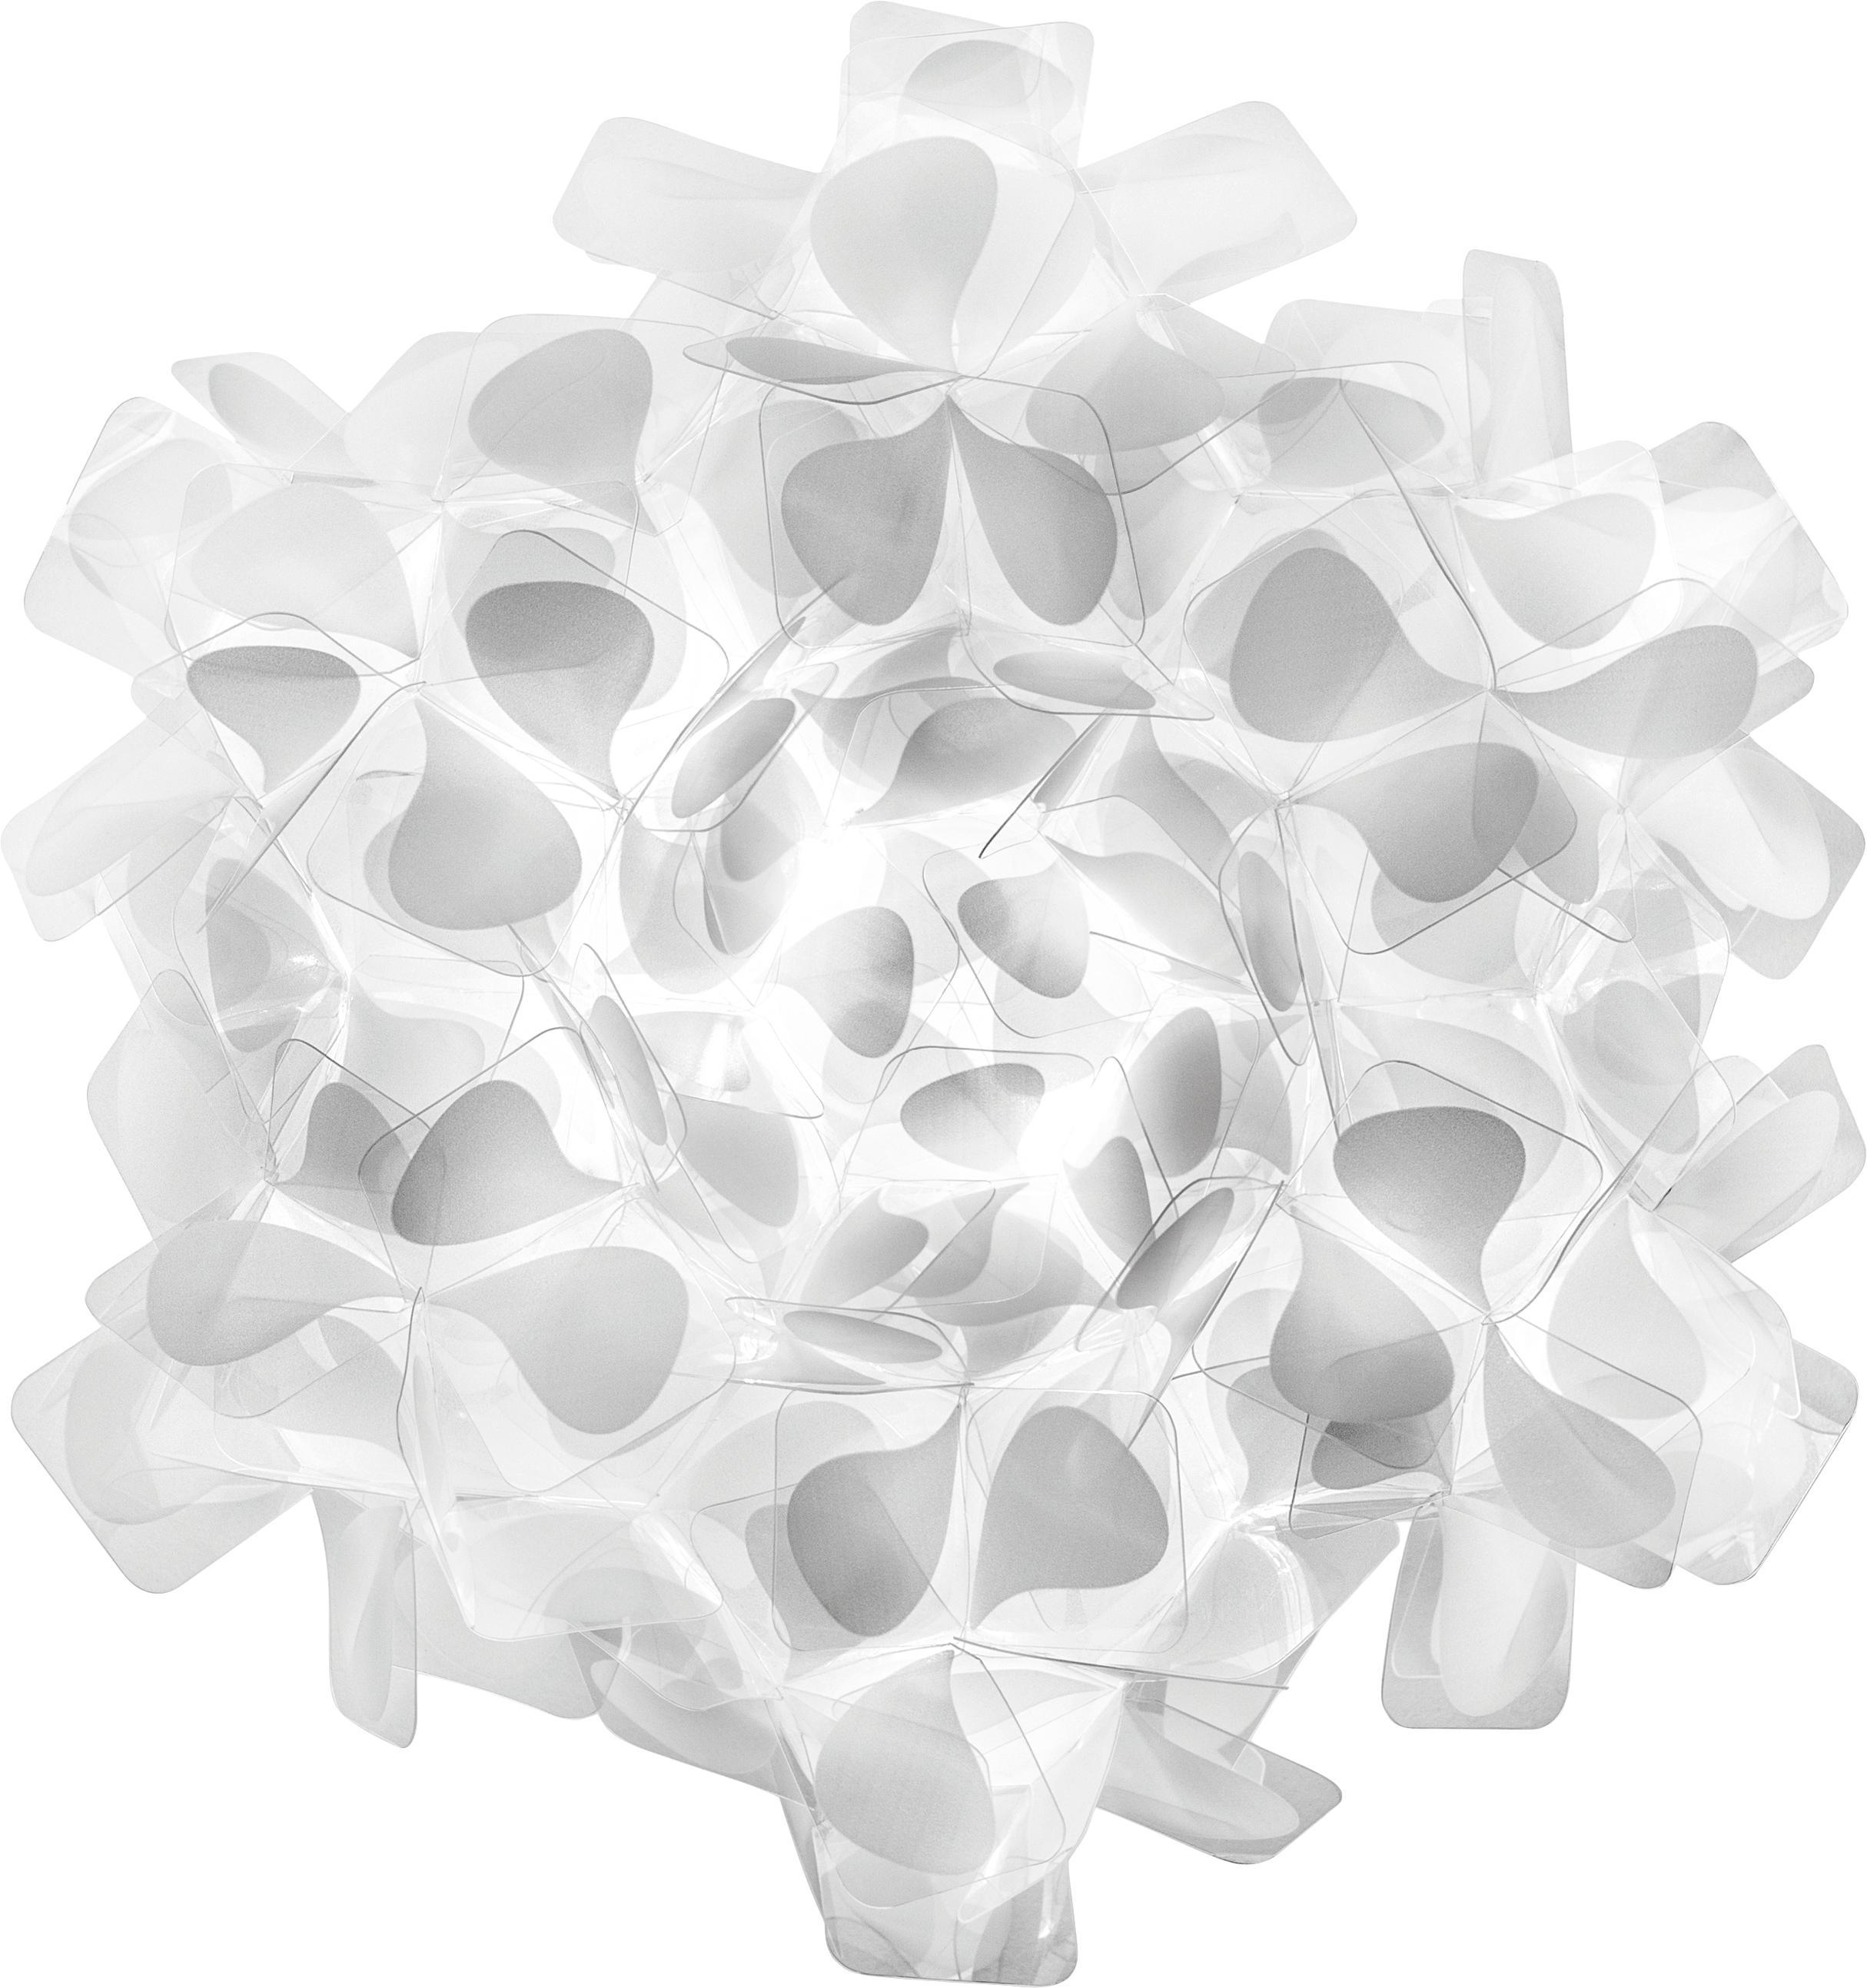 Handgemaakte wand- en plafondlamp Clizia Mama Non Mama, Technopolymeer Opalflex®, recyclebaar, onbreekbaar, flexibel, anti-statisch gecoat, UV- en hittebestendig, Wit, grijs, Ø 32 x D 15 cm